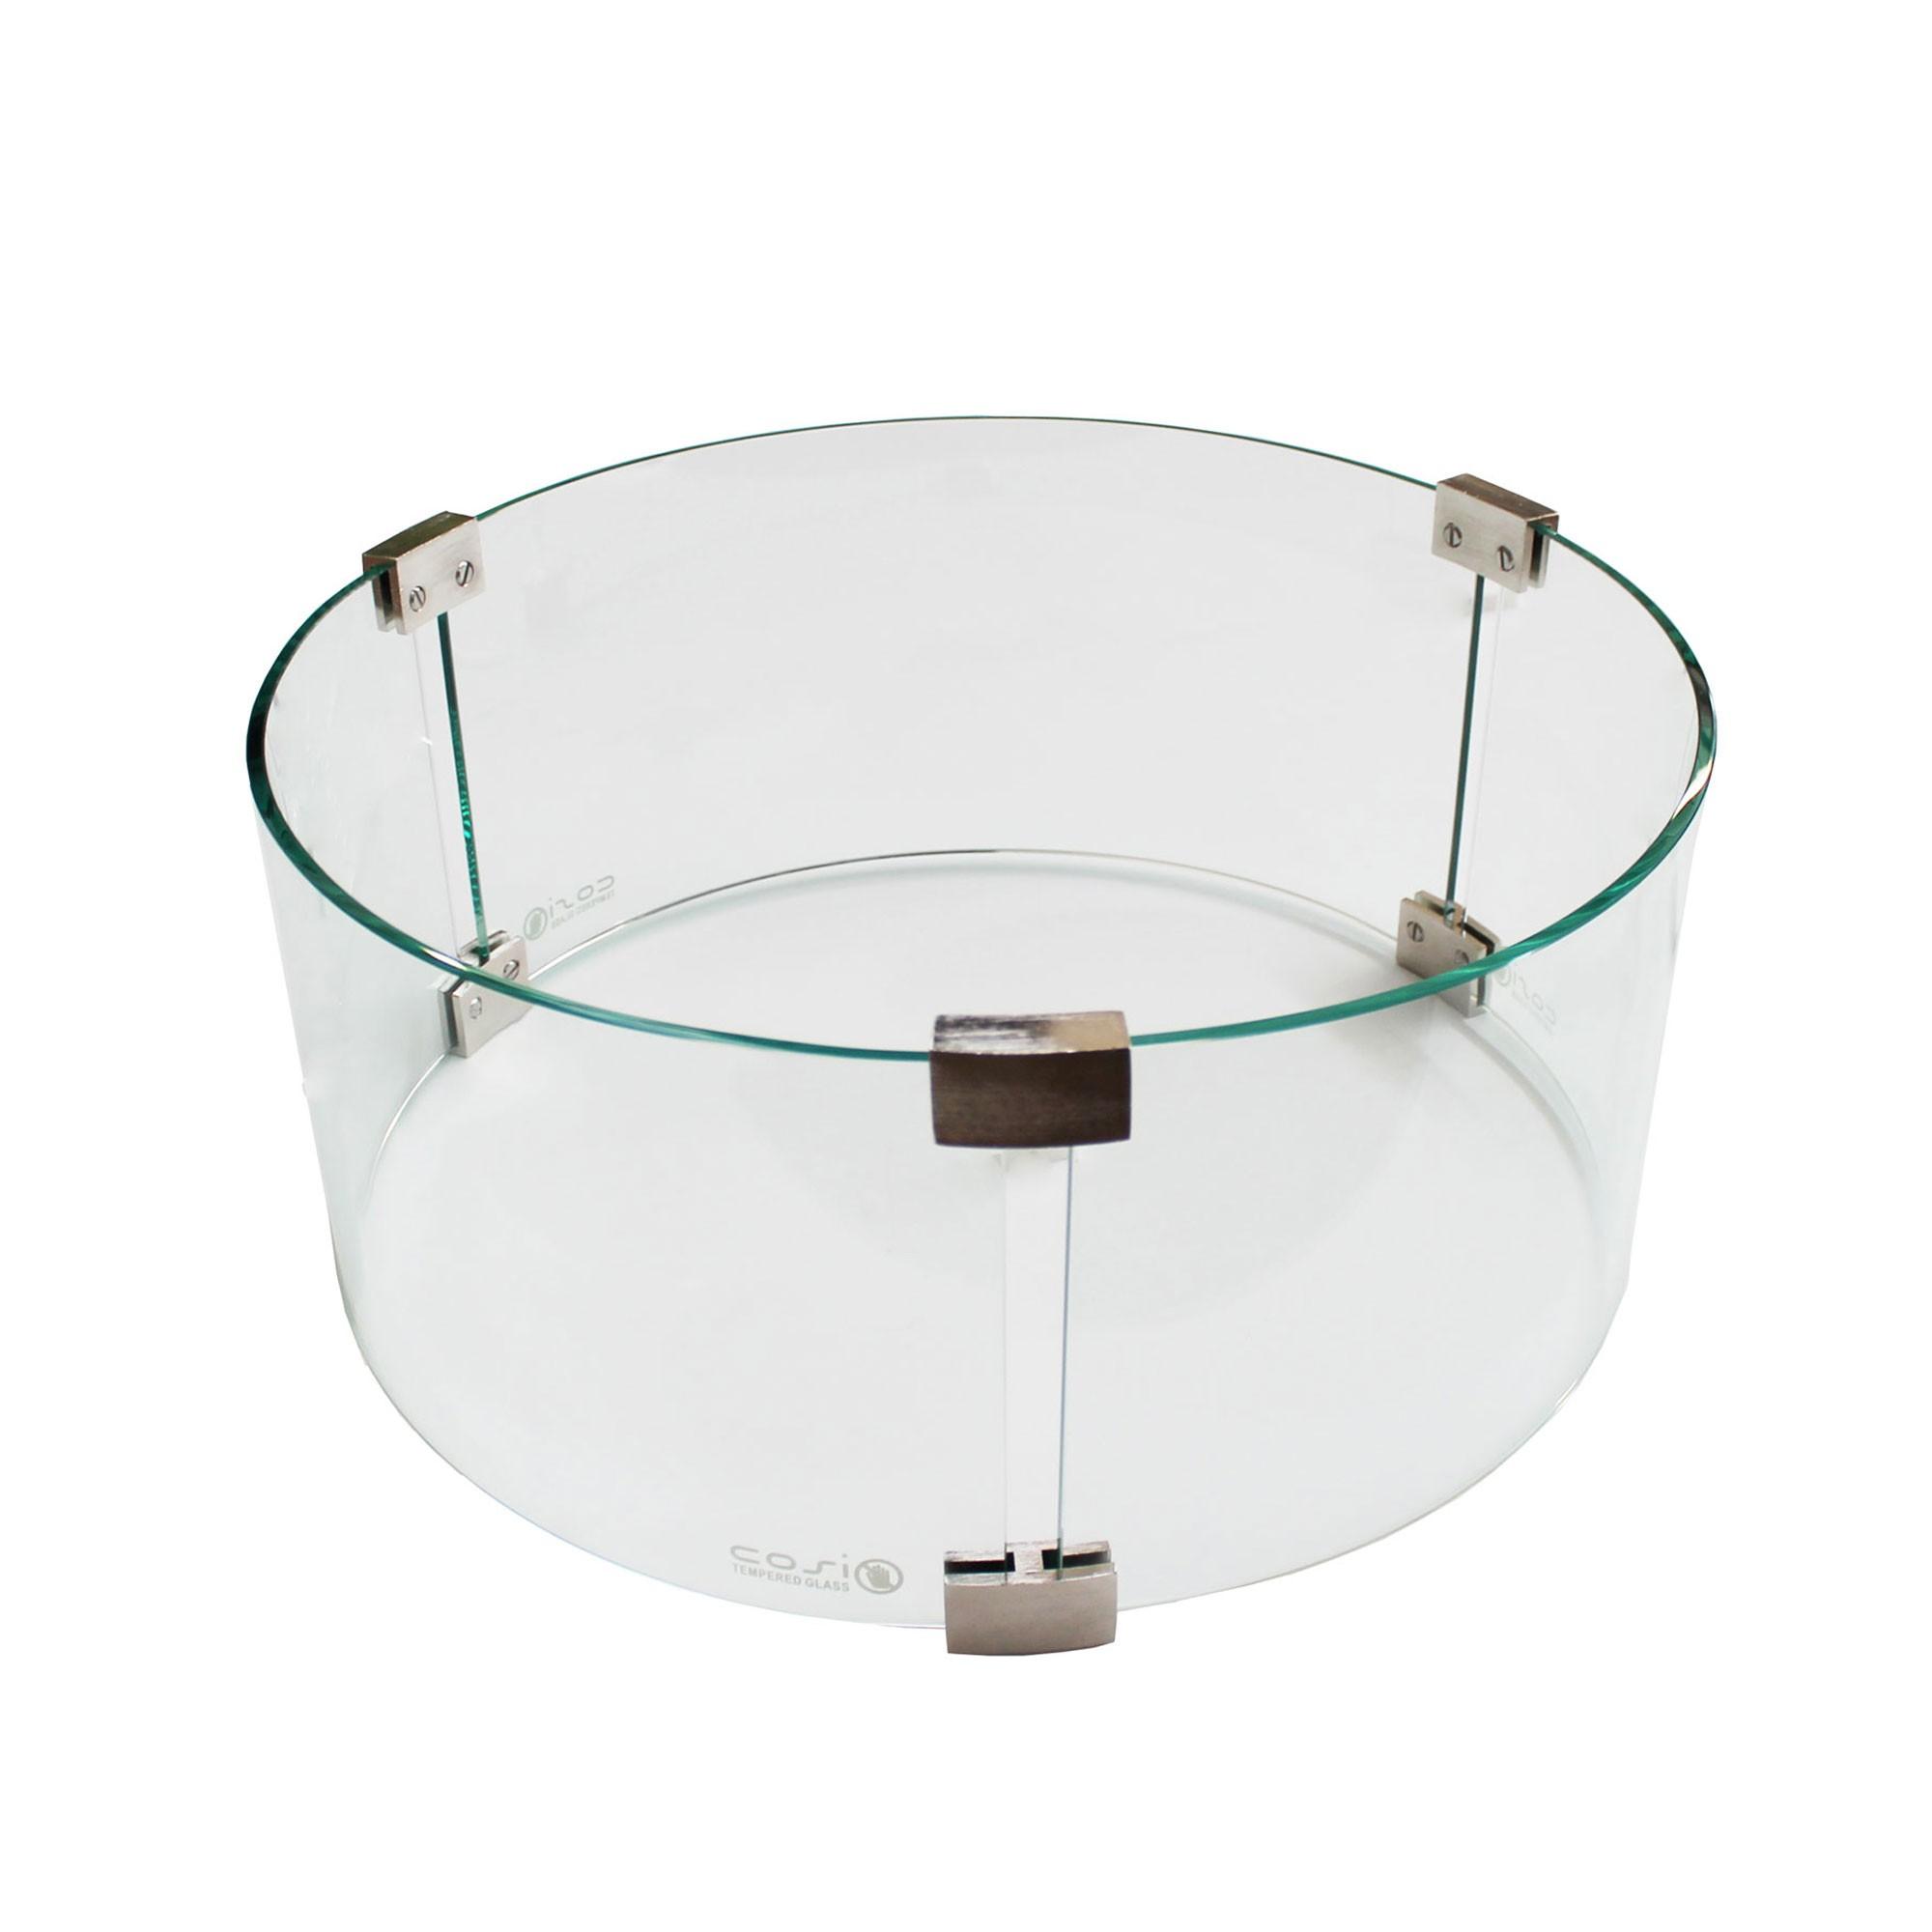 Afbeelding van Cosidrum Glasset Rond